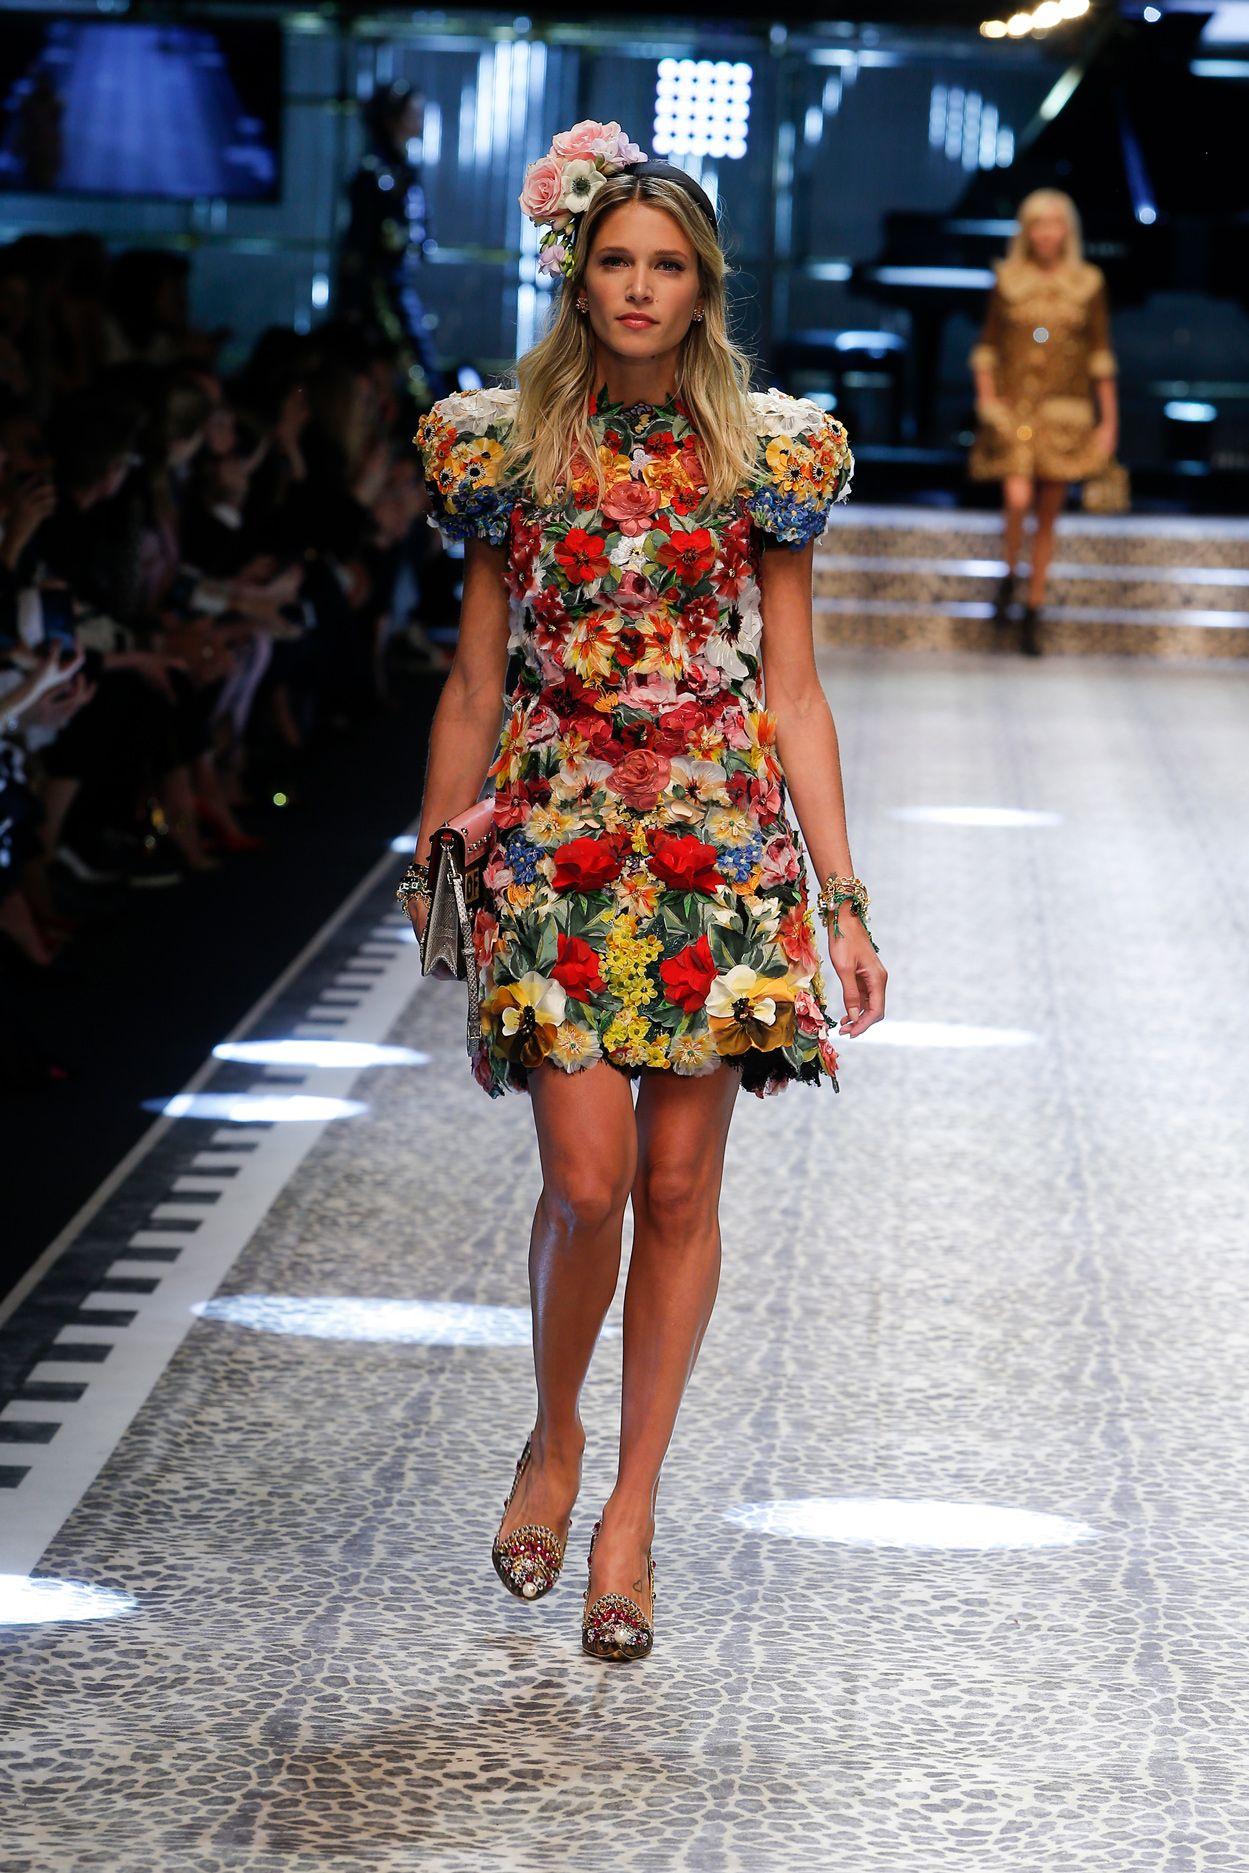 a68672389d Video e foto dalla passerella del Fashion Show Dolce & Gabbana ...